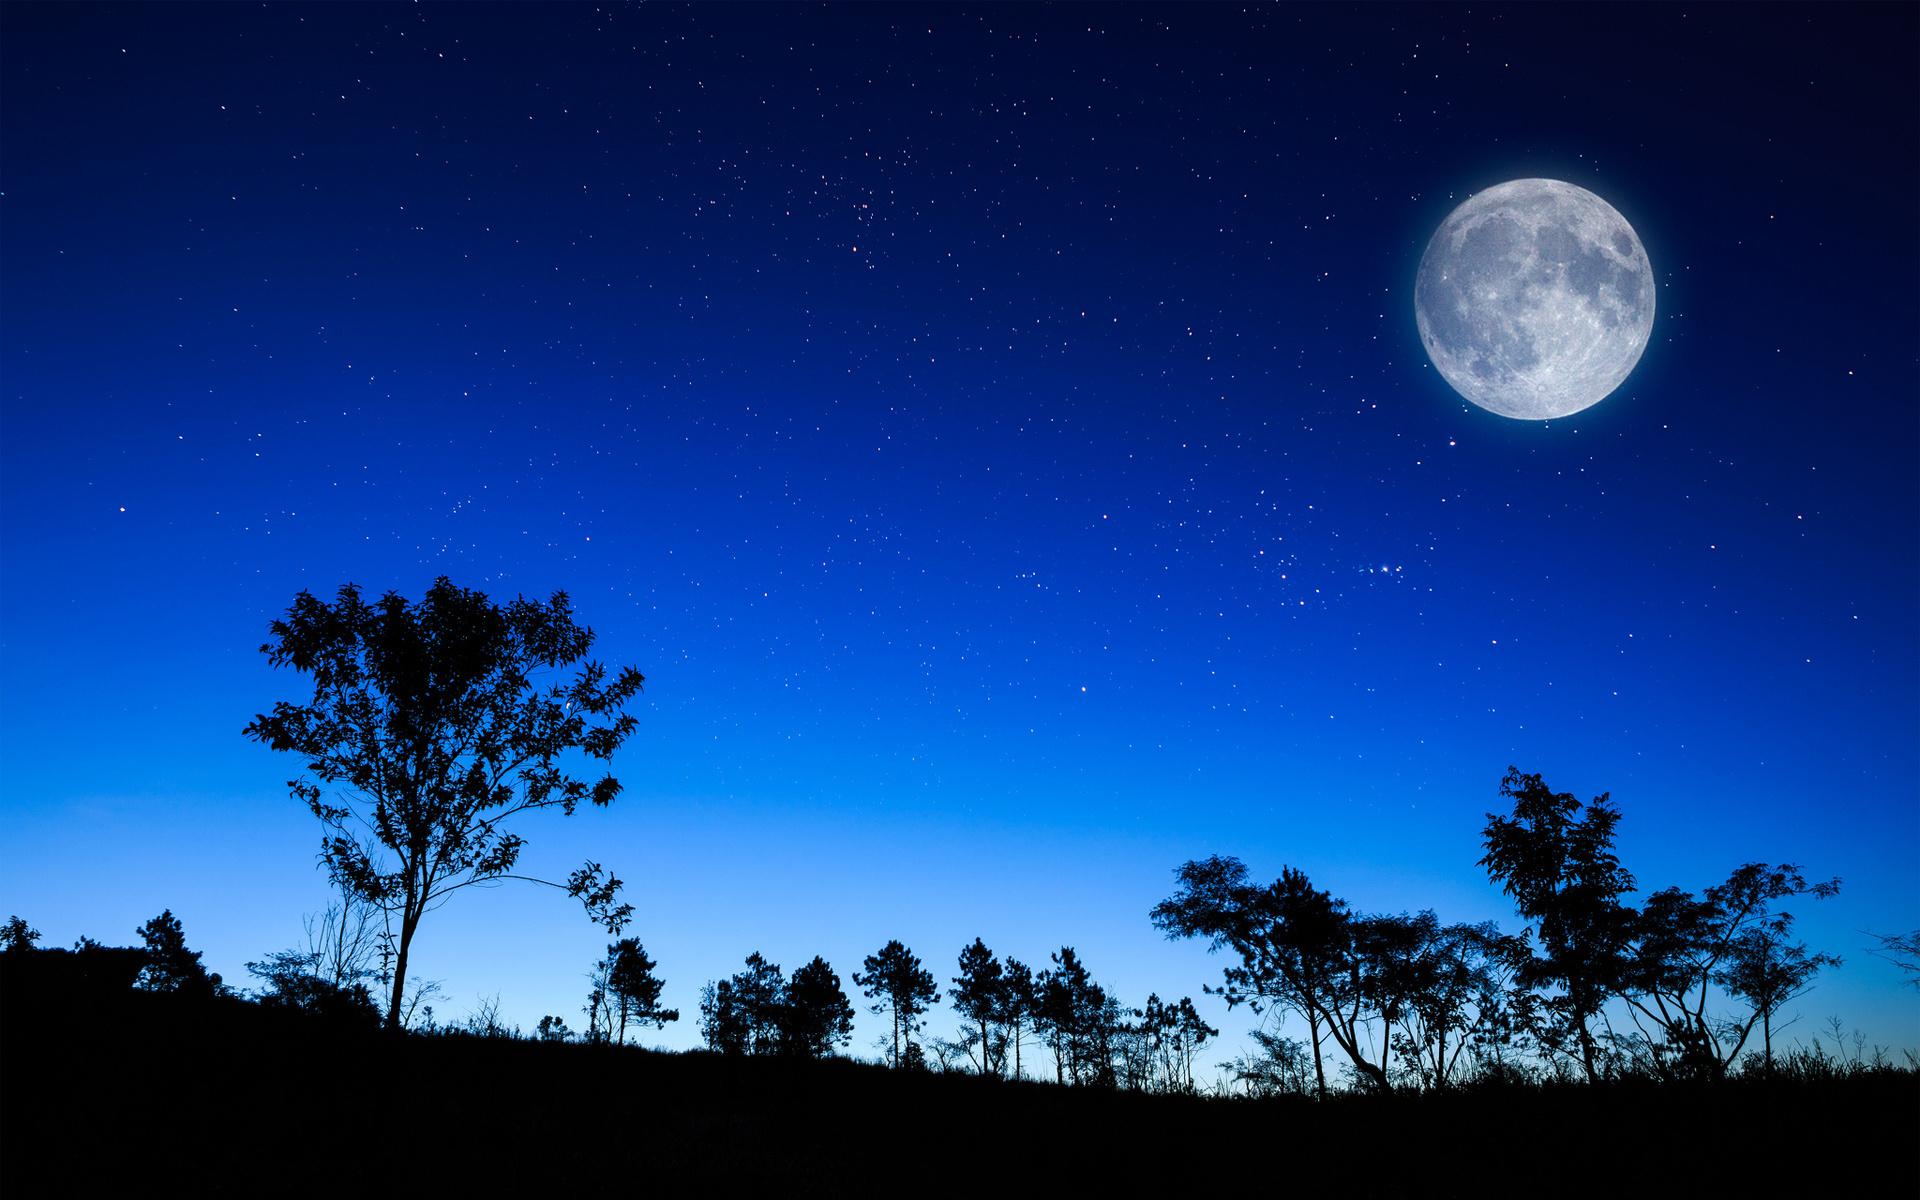 月亮代表我的心